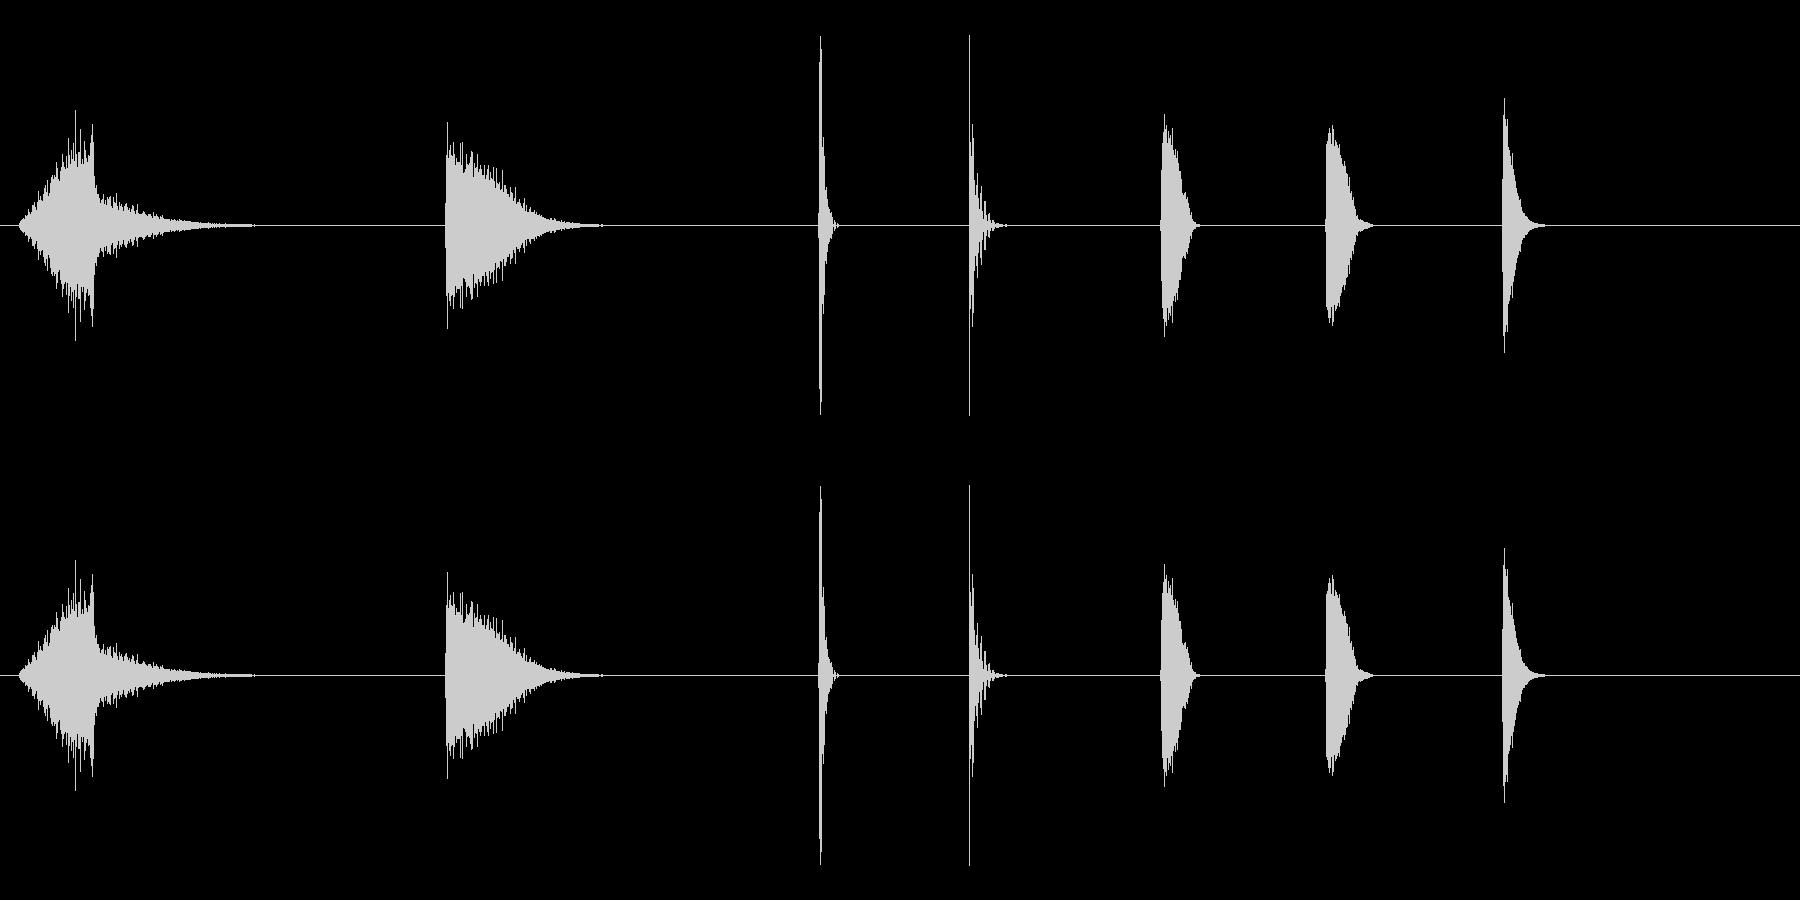 エスパシオ、エナジーアザップザップの未再生の波形